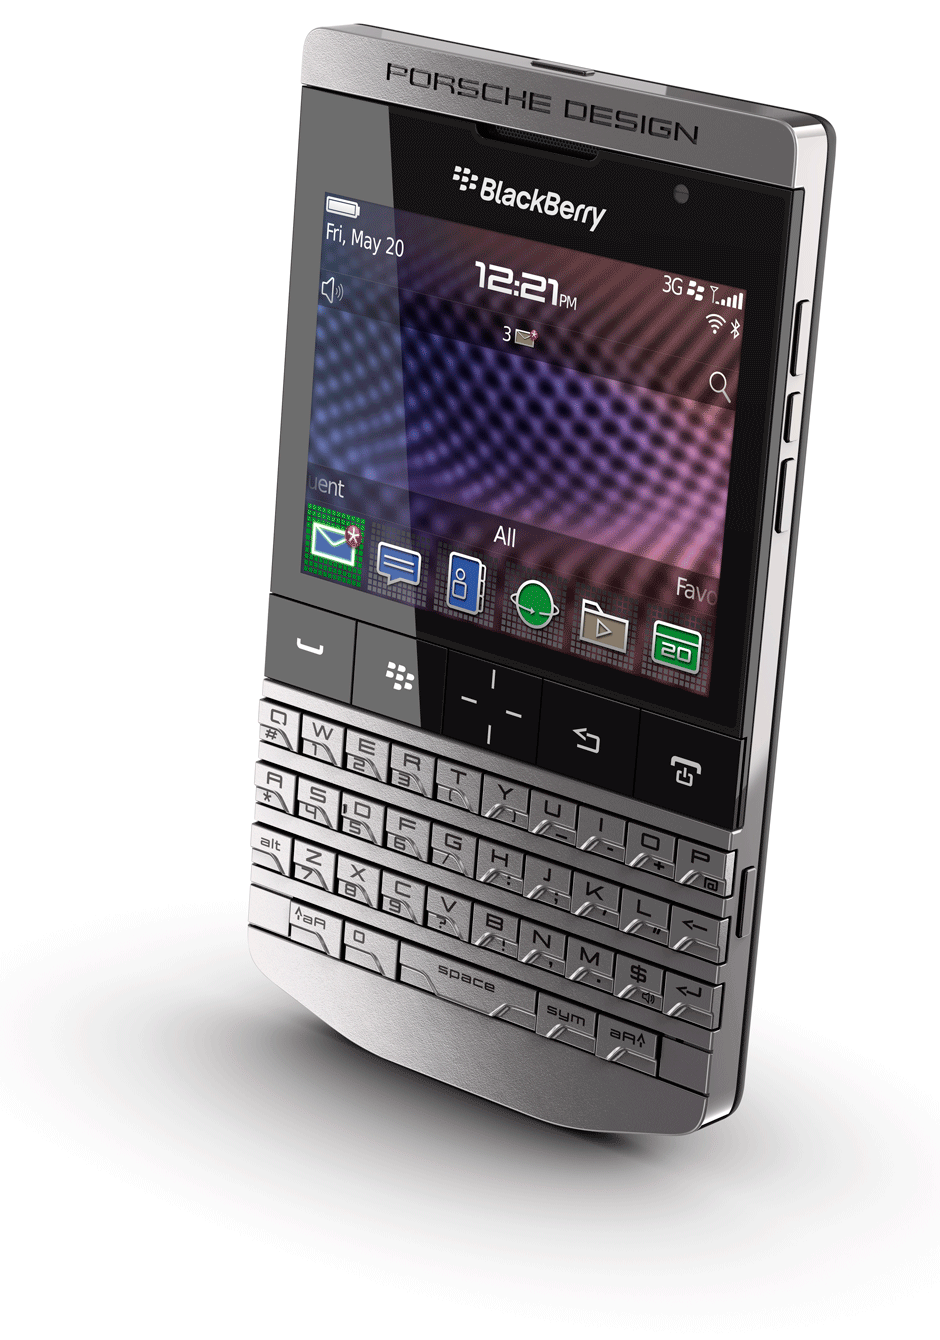 Porsche Design P'9981 Smartphone from BlackBerry